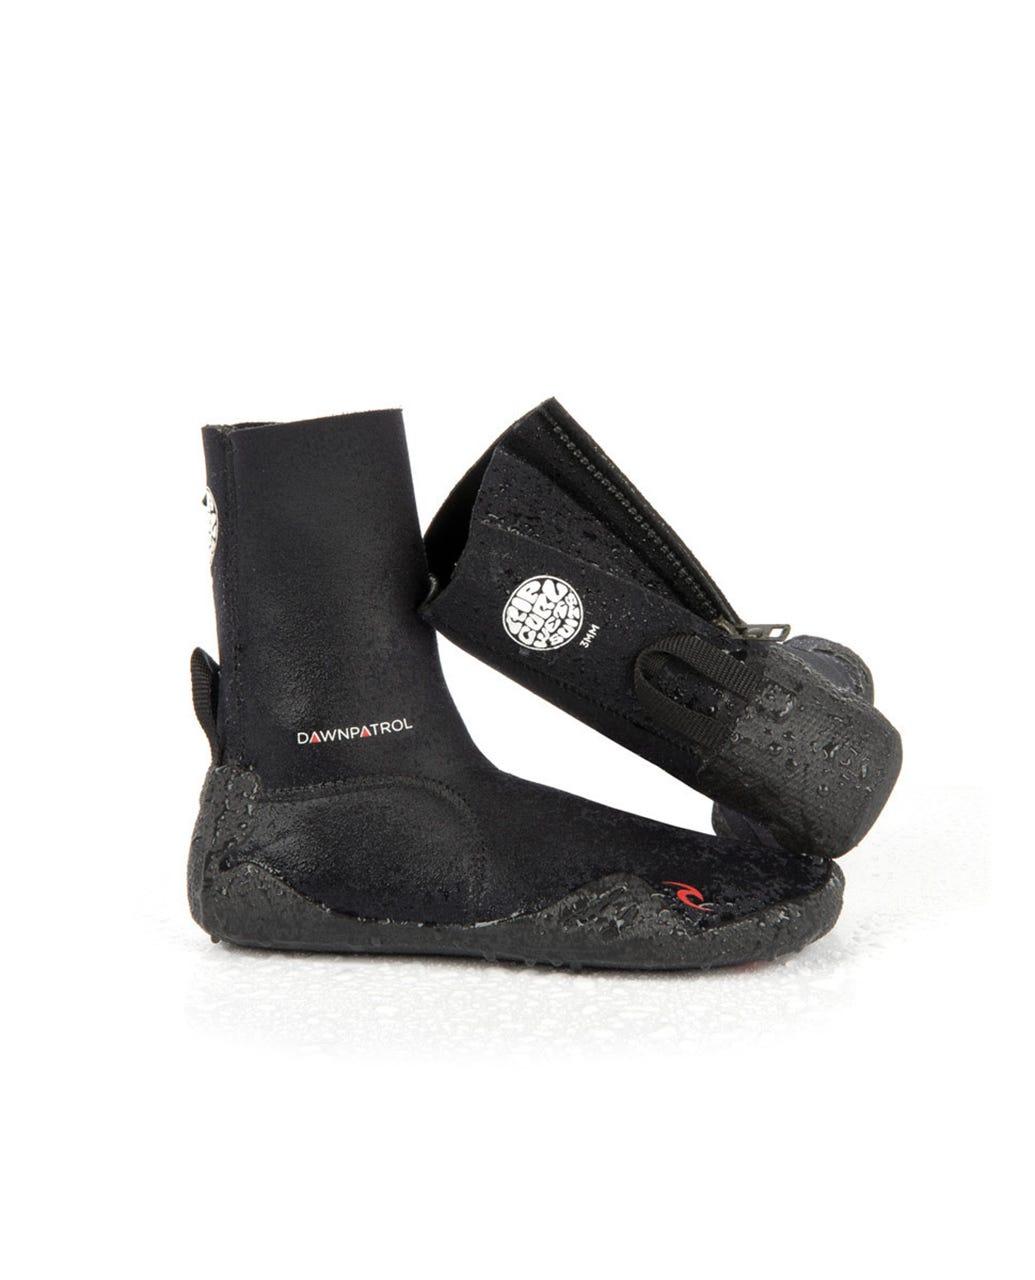 3mm Kid/'s Rip Curl DAWN PATROL Round Toe Boots